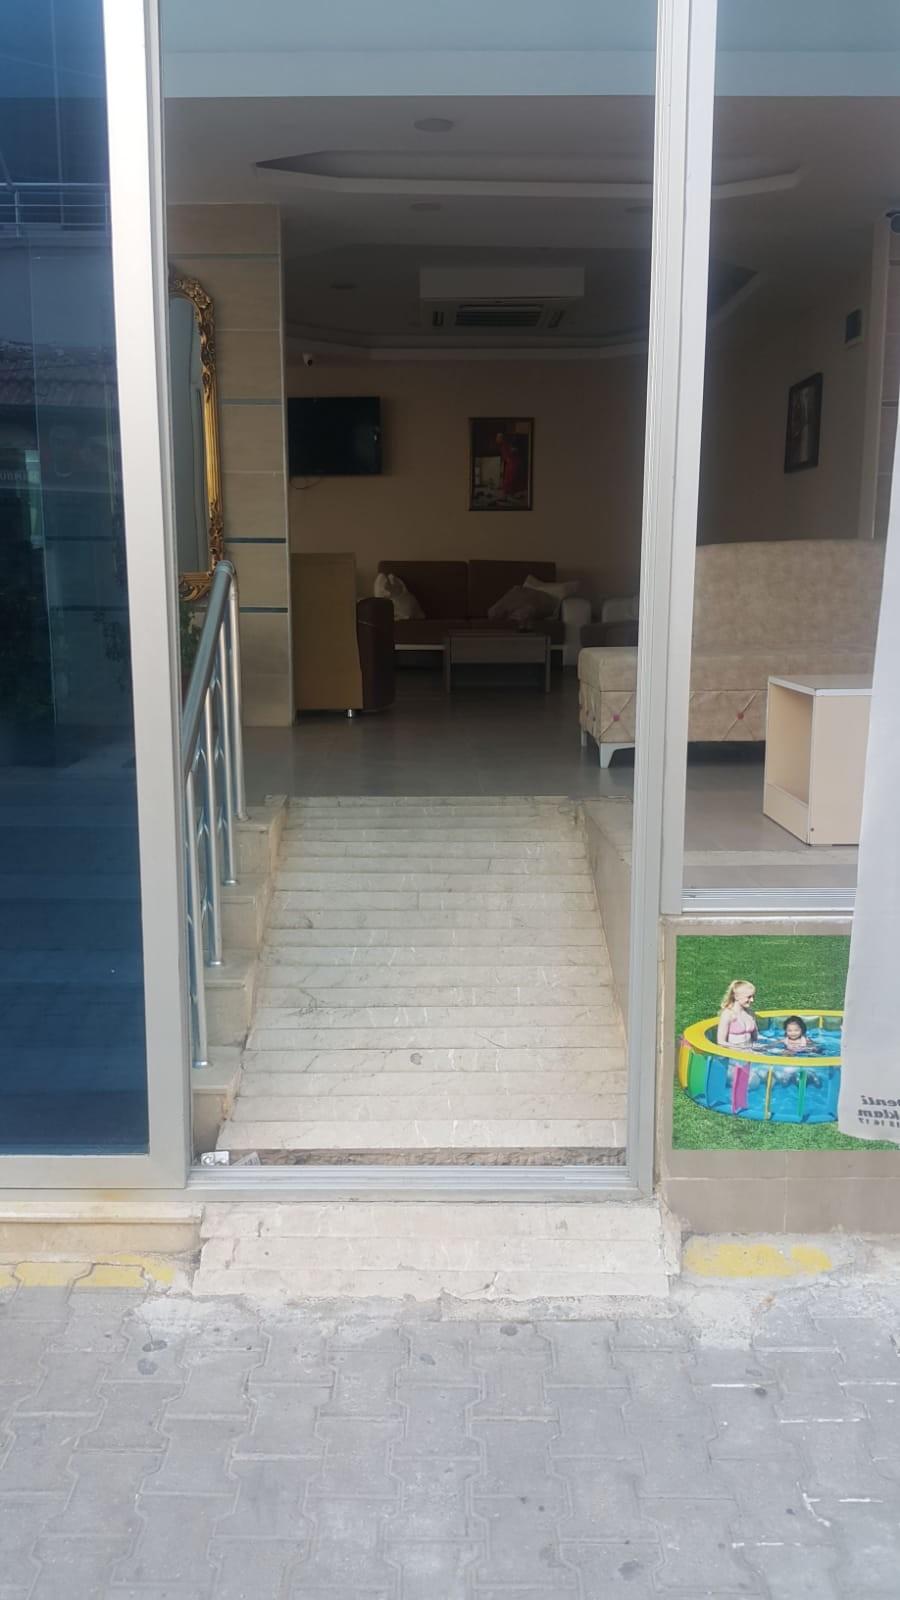 yG3qrN - 21-26 Eylül 2019 Mersin-Kızkalesi Engelsiz Tatil